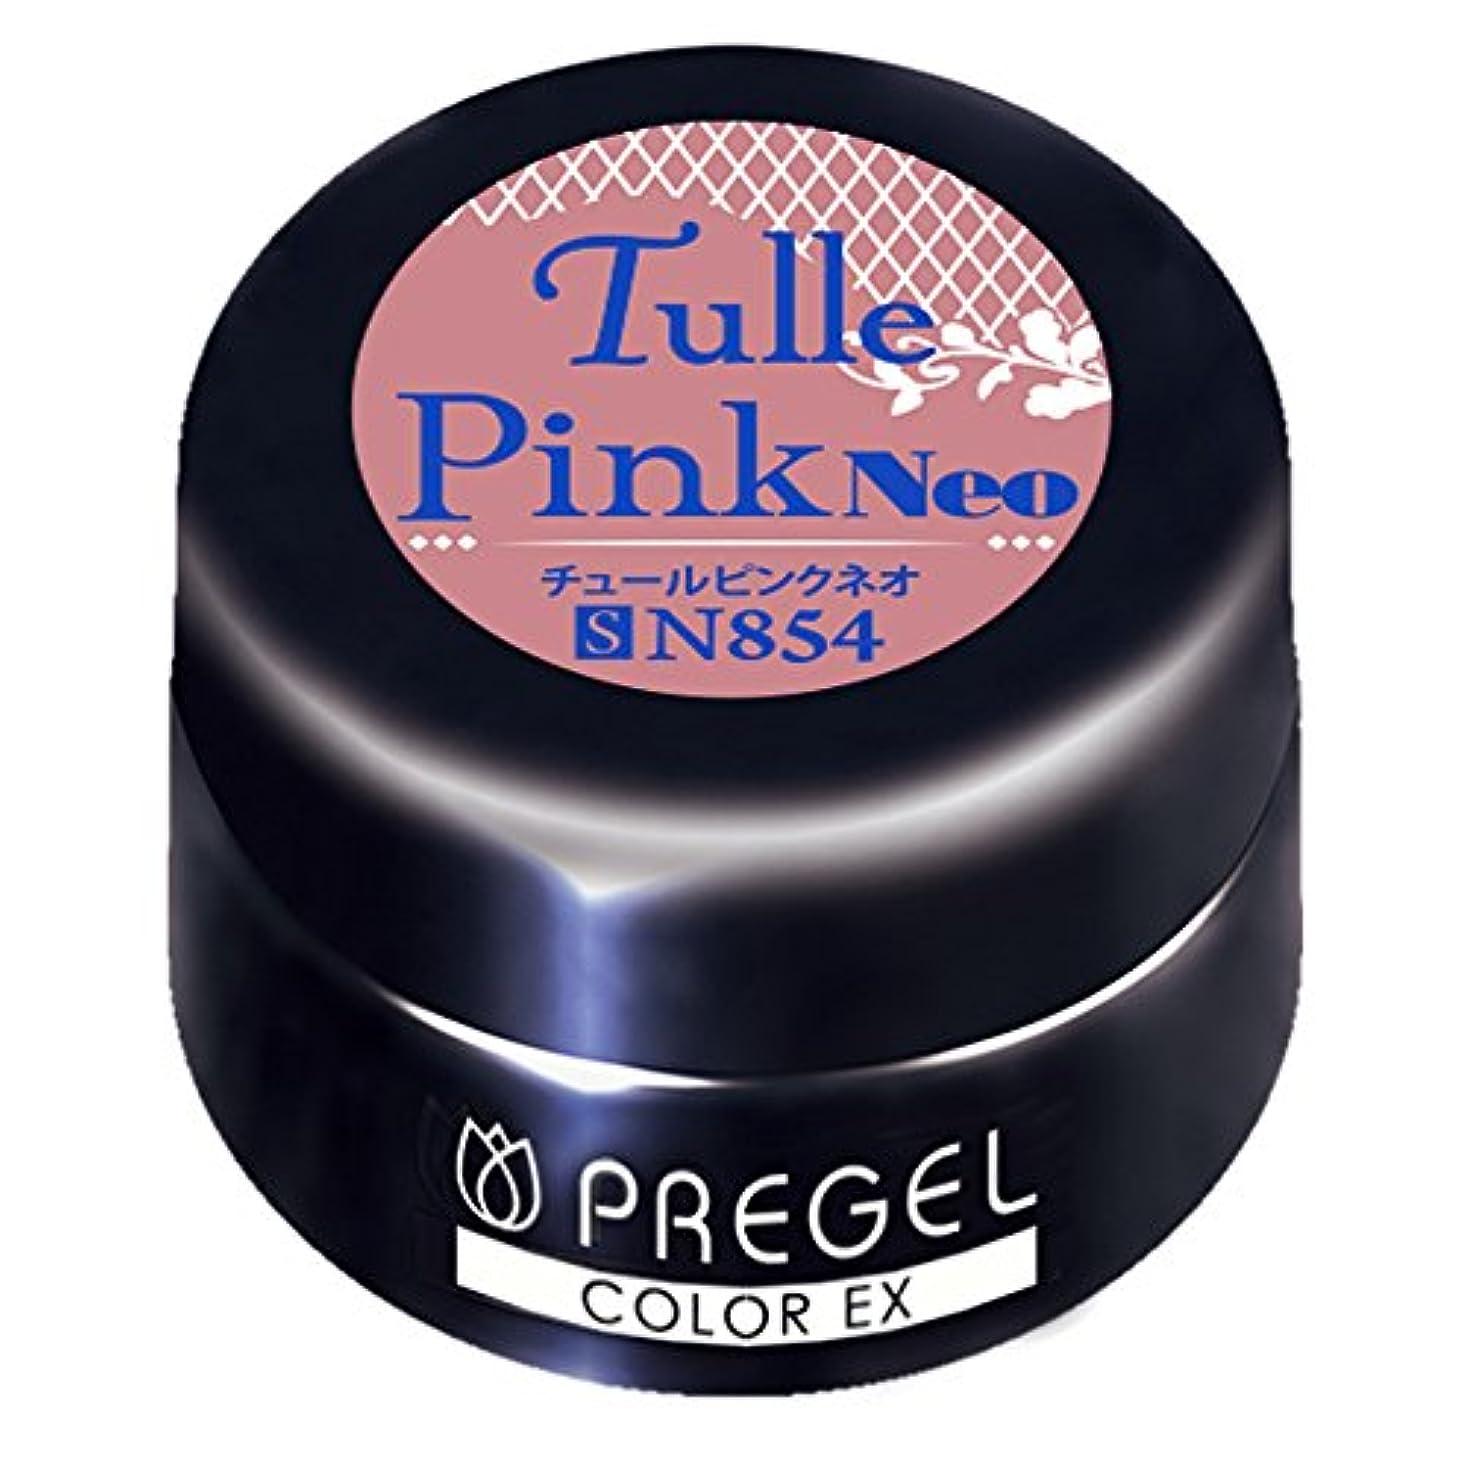 撤退悪性の畝間PRE GEL カラーEX チュールピンクneo854 3g UV/LED対応